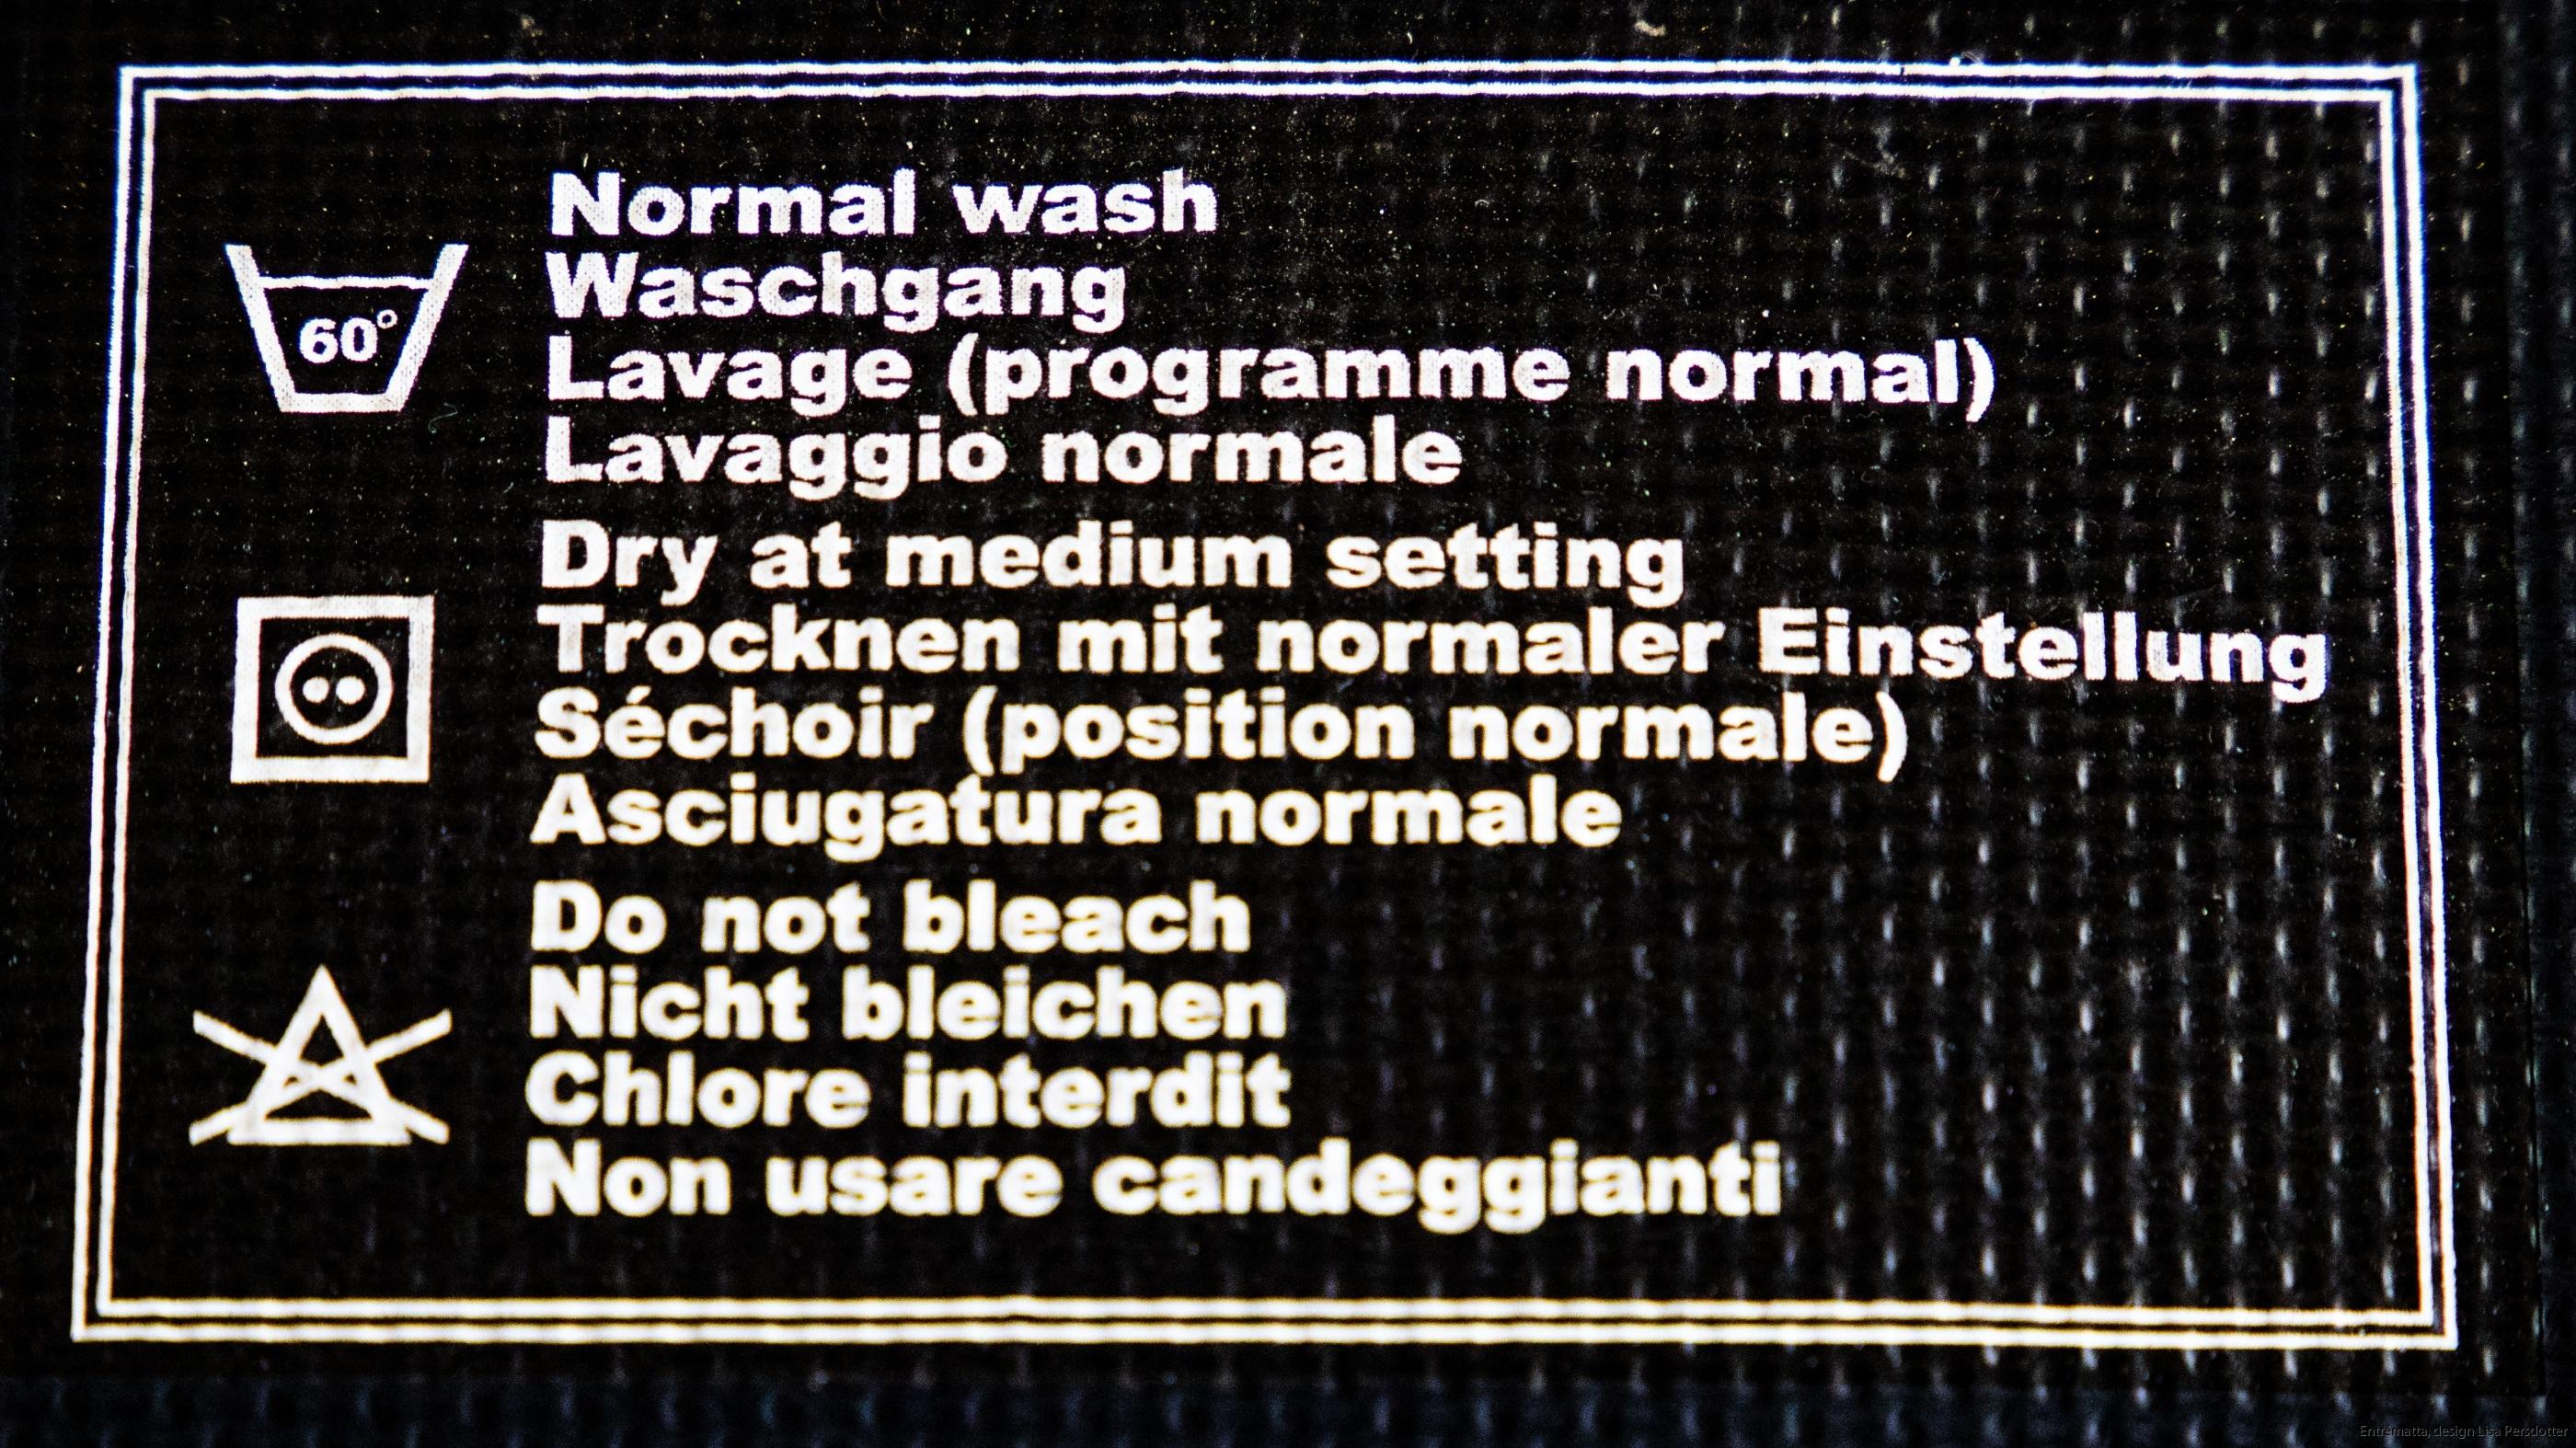 Dörrmatta tvätt 60 grader _